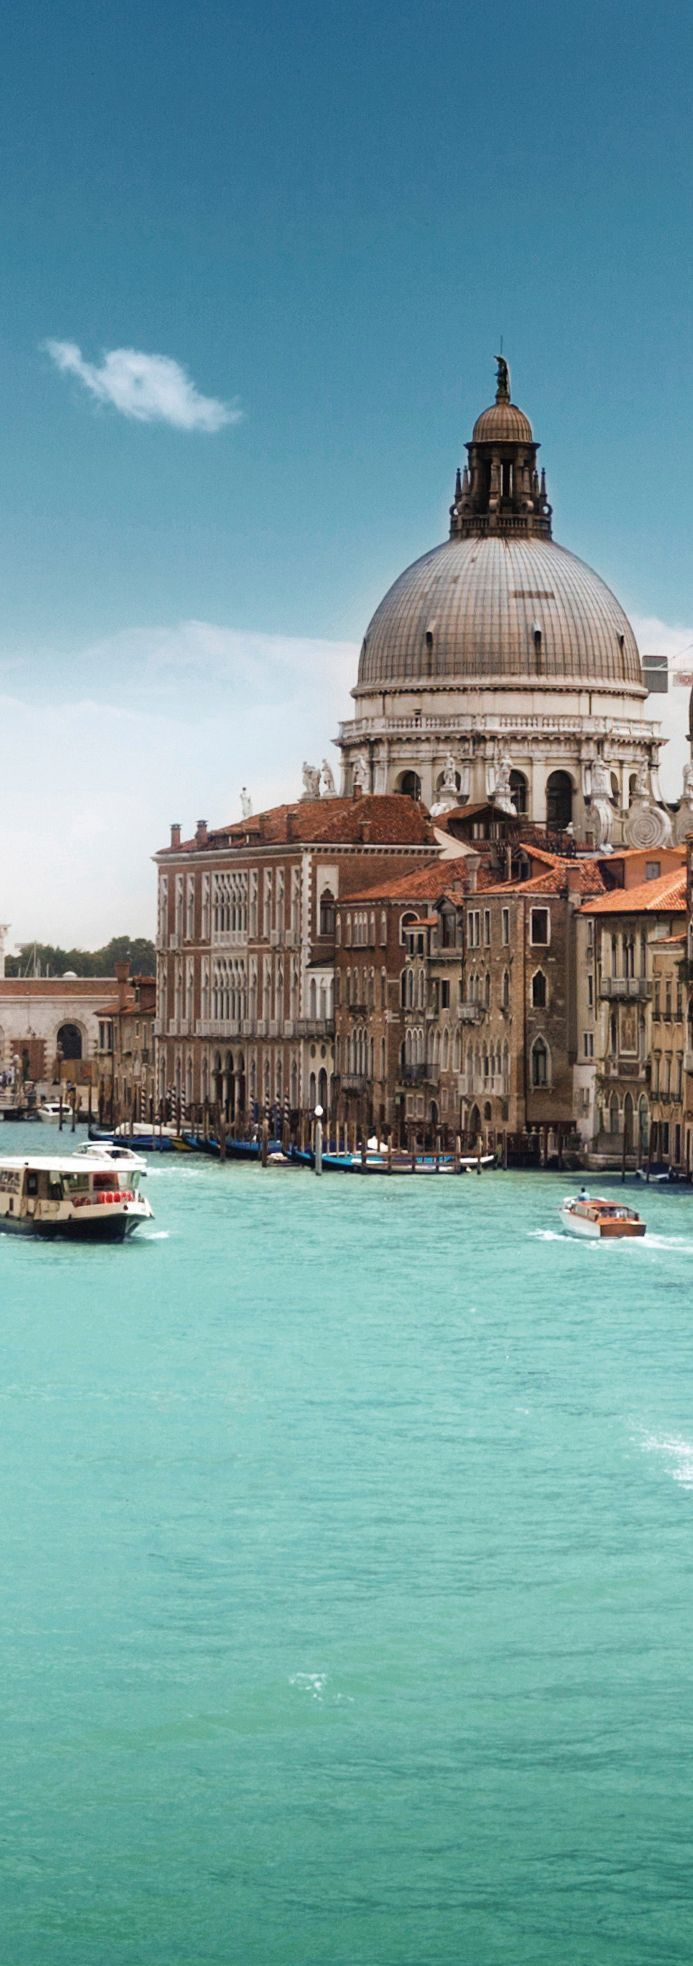 Il Canal Grande e Basilica di Santa Maria della Salute, Venezia